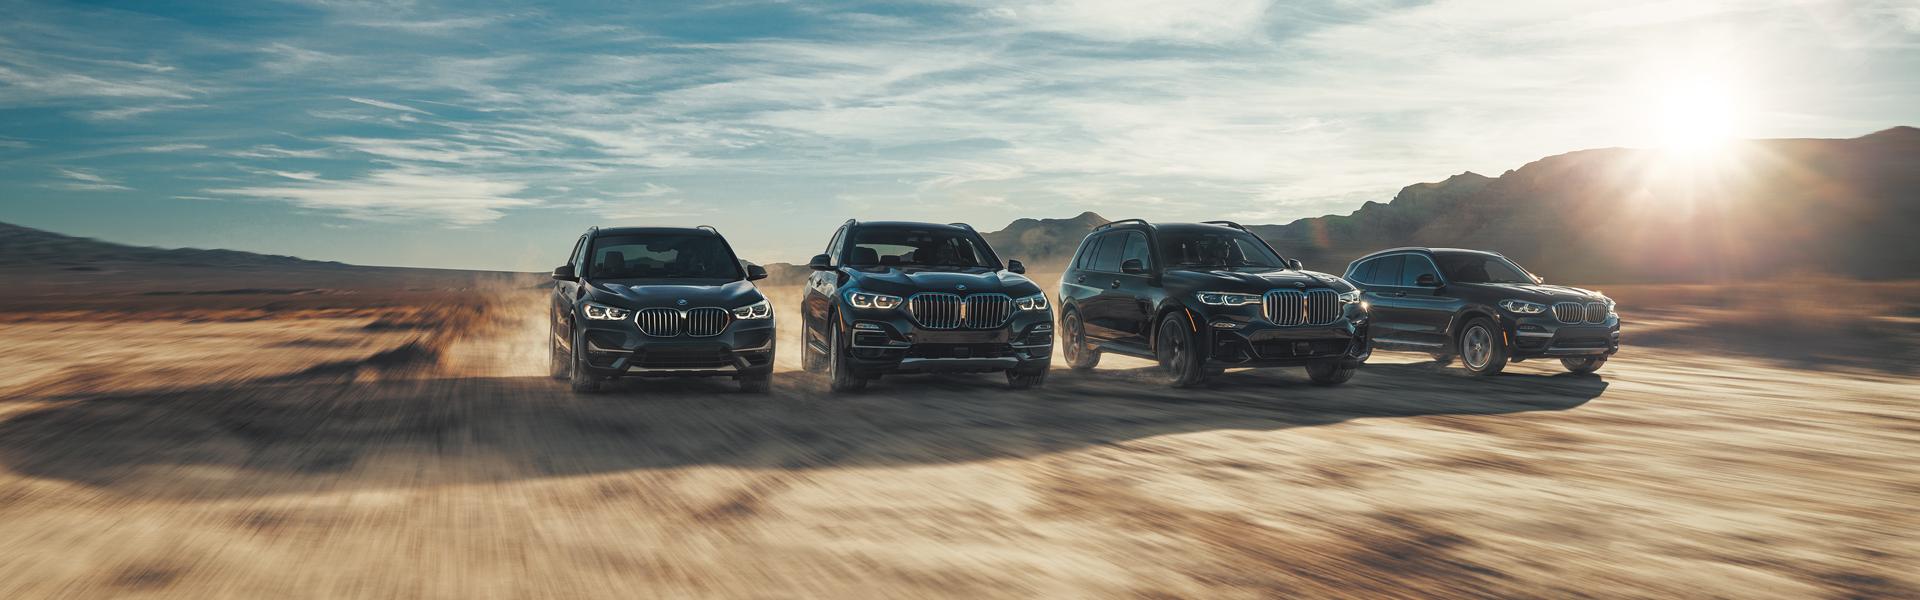 New BMW Models | Dreyer & Reinbold BMW North